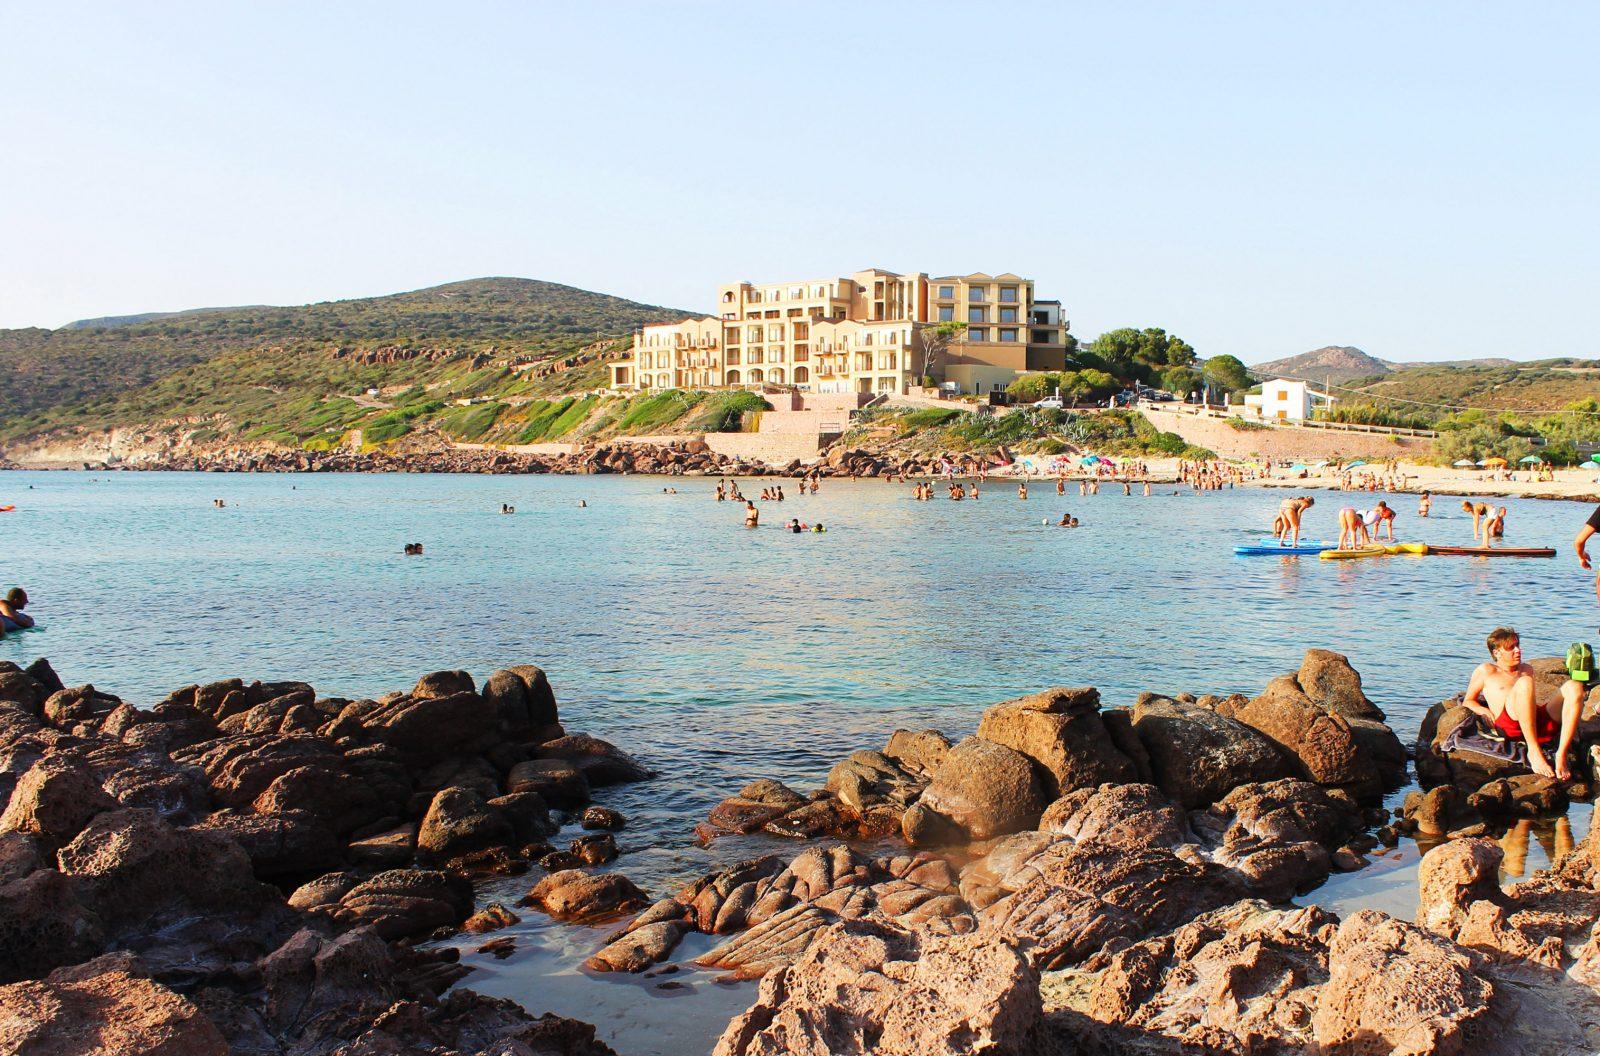 Spiaggia La Caletta di Carloforte